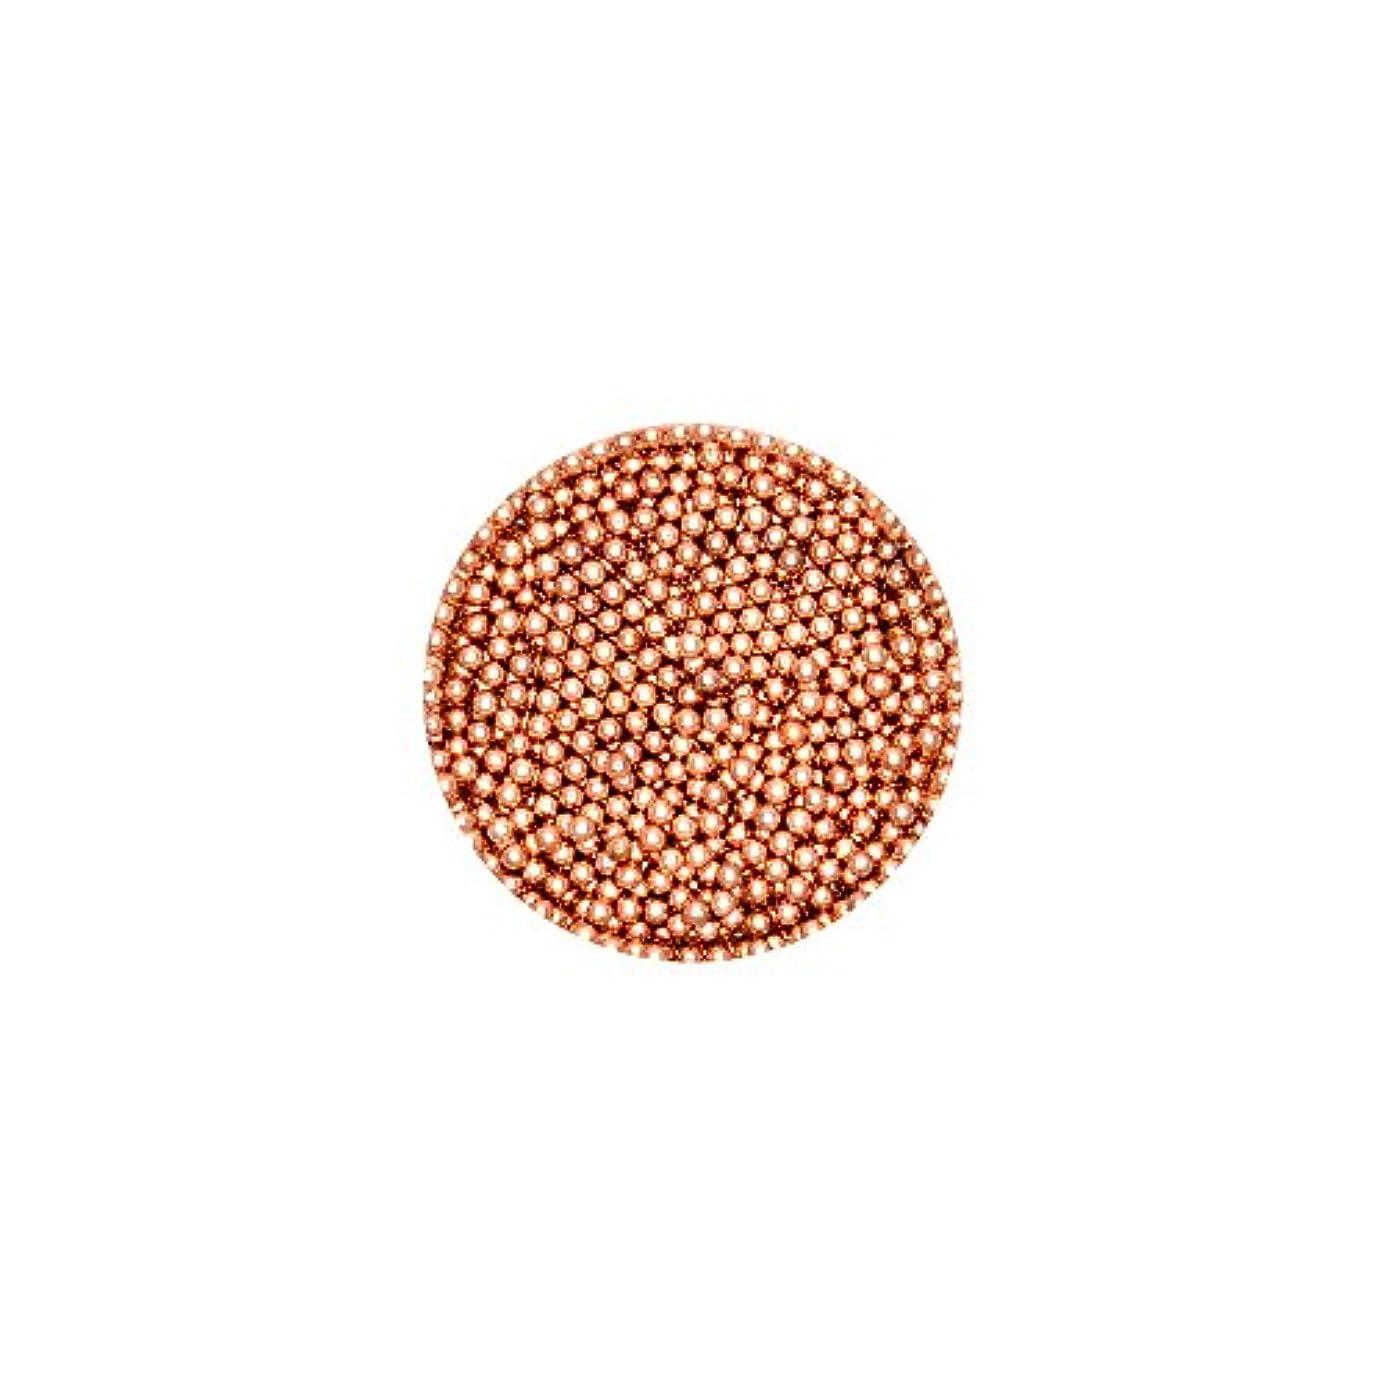 ぜいたく最大限社交的メタルブリオン 【1mm / ピンクゴールド】